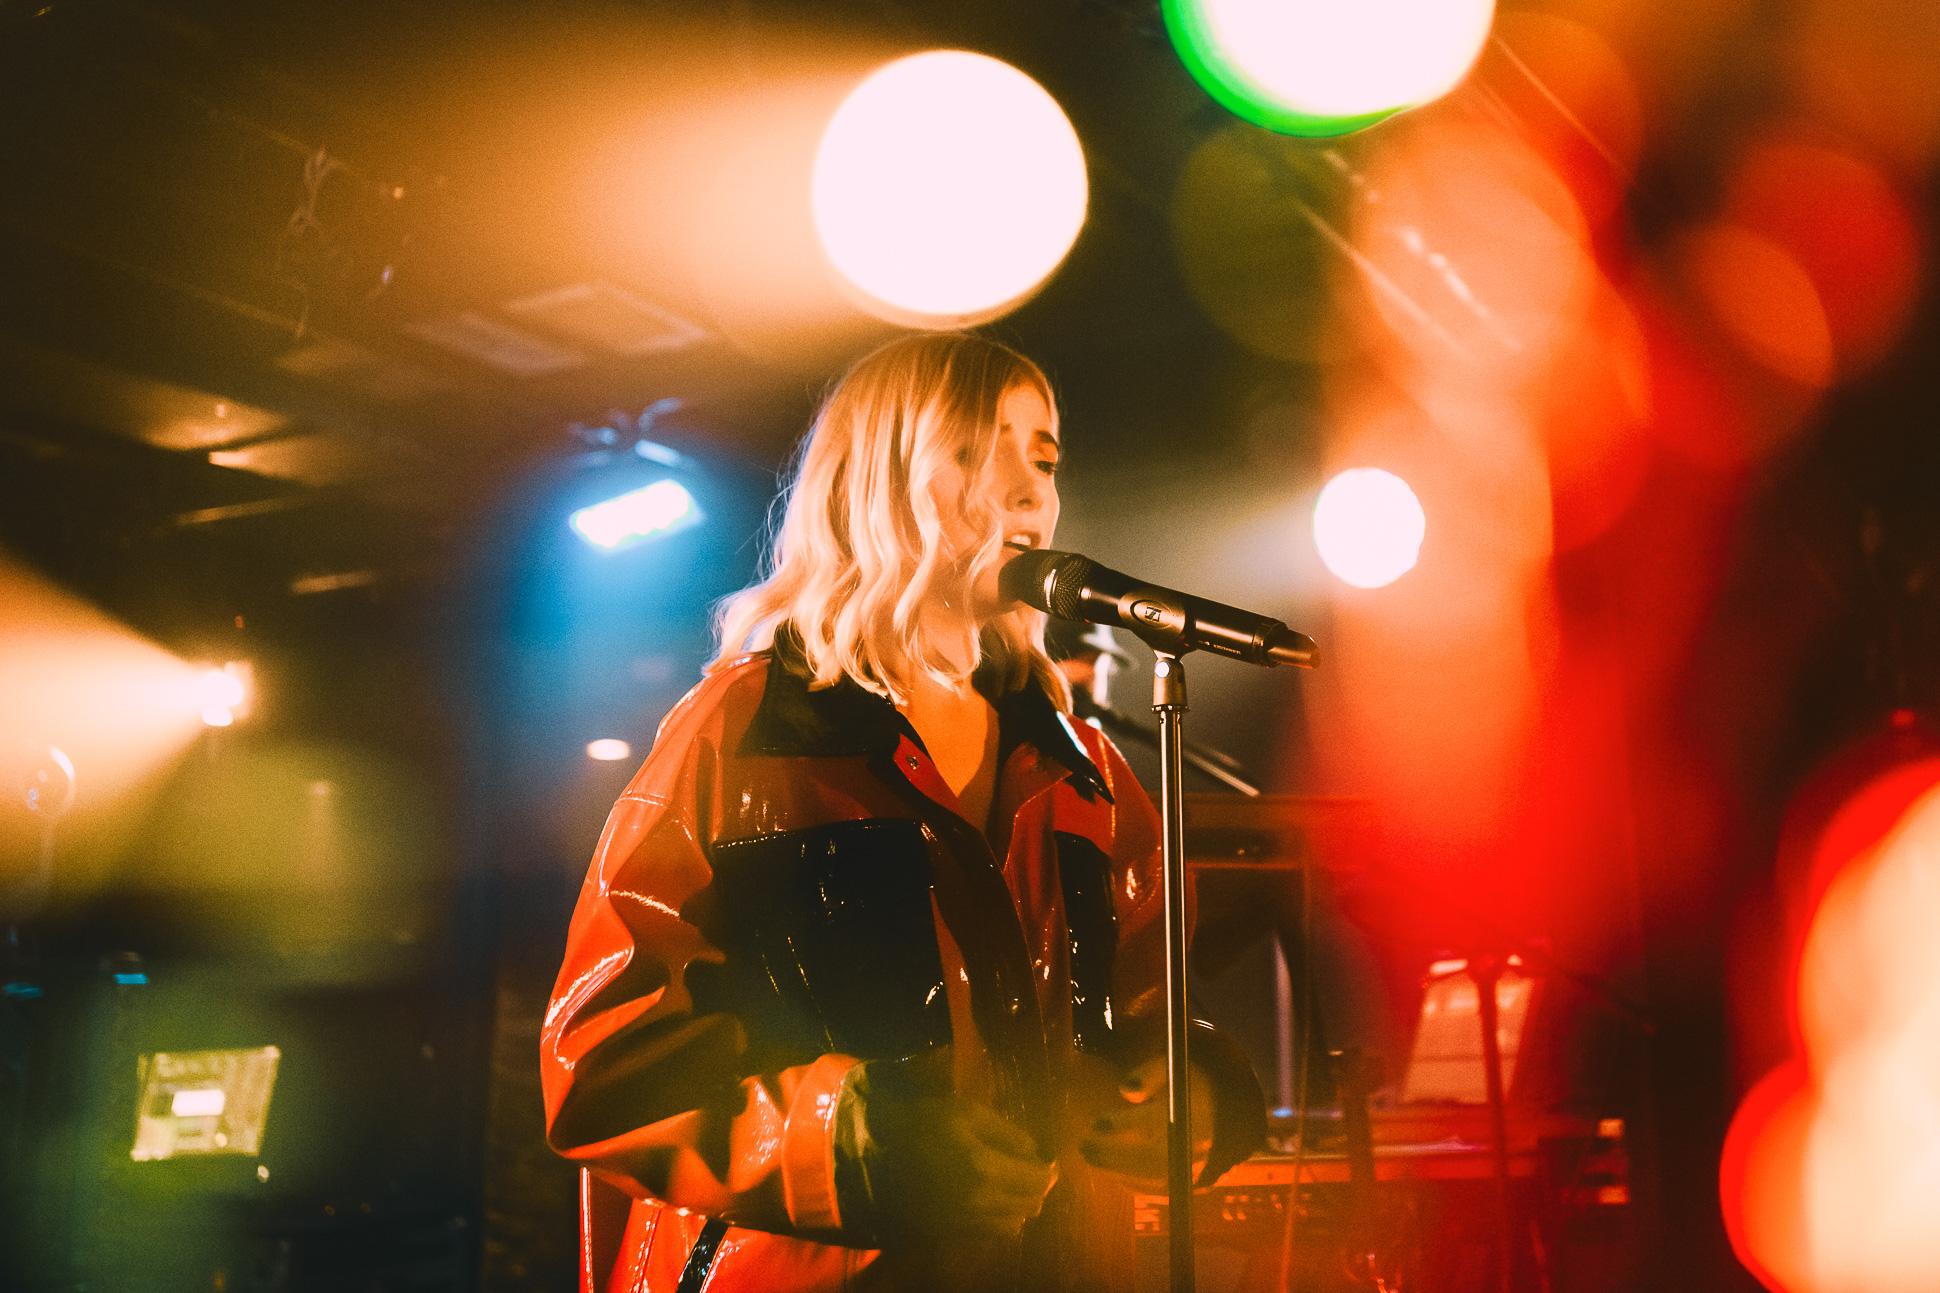 ClaraMae-Biltmore-22-03-2019-Vancouver-08.jpg